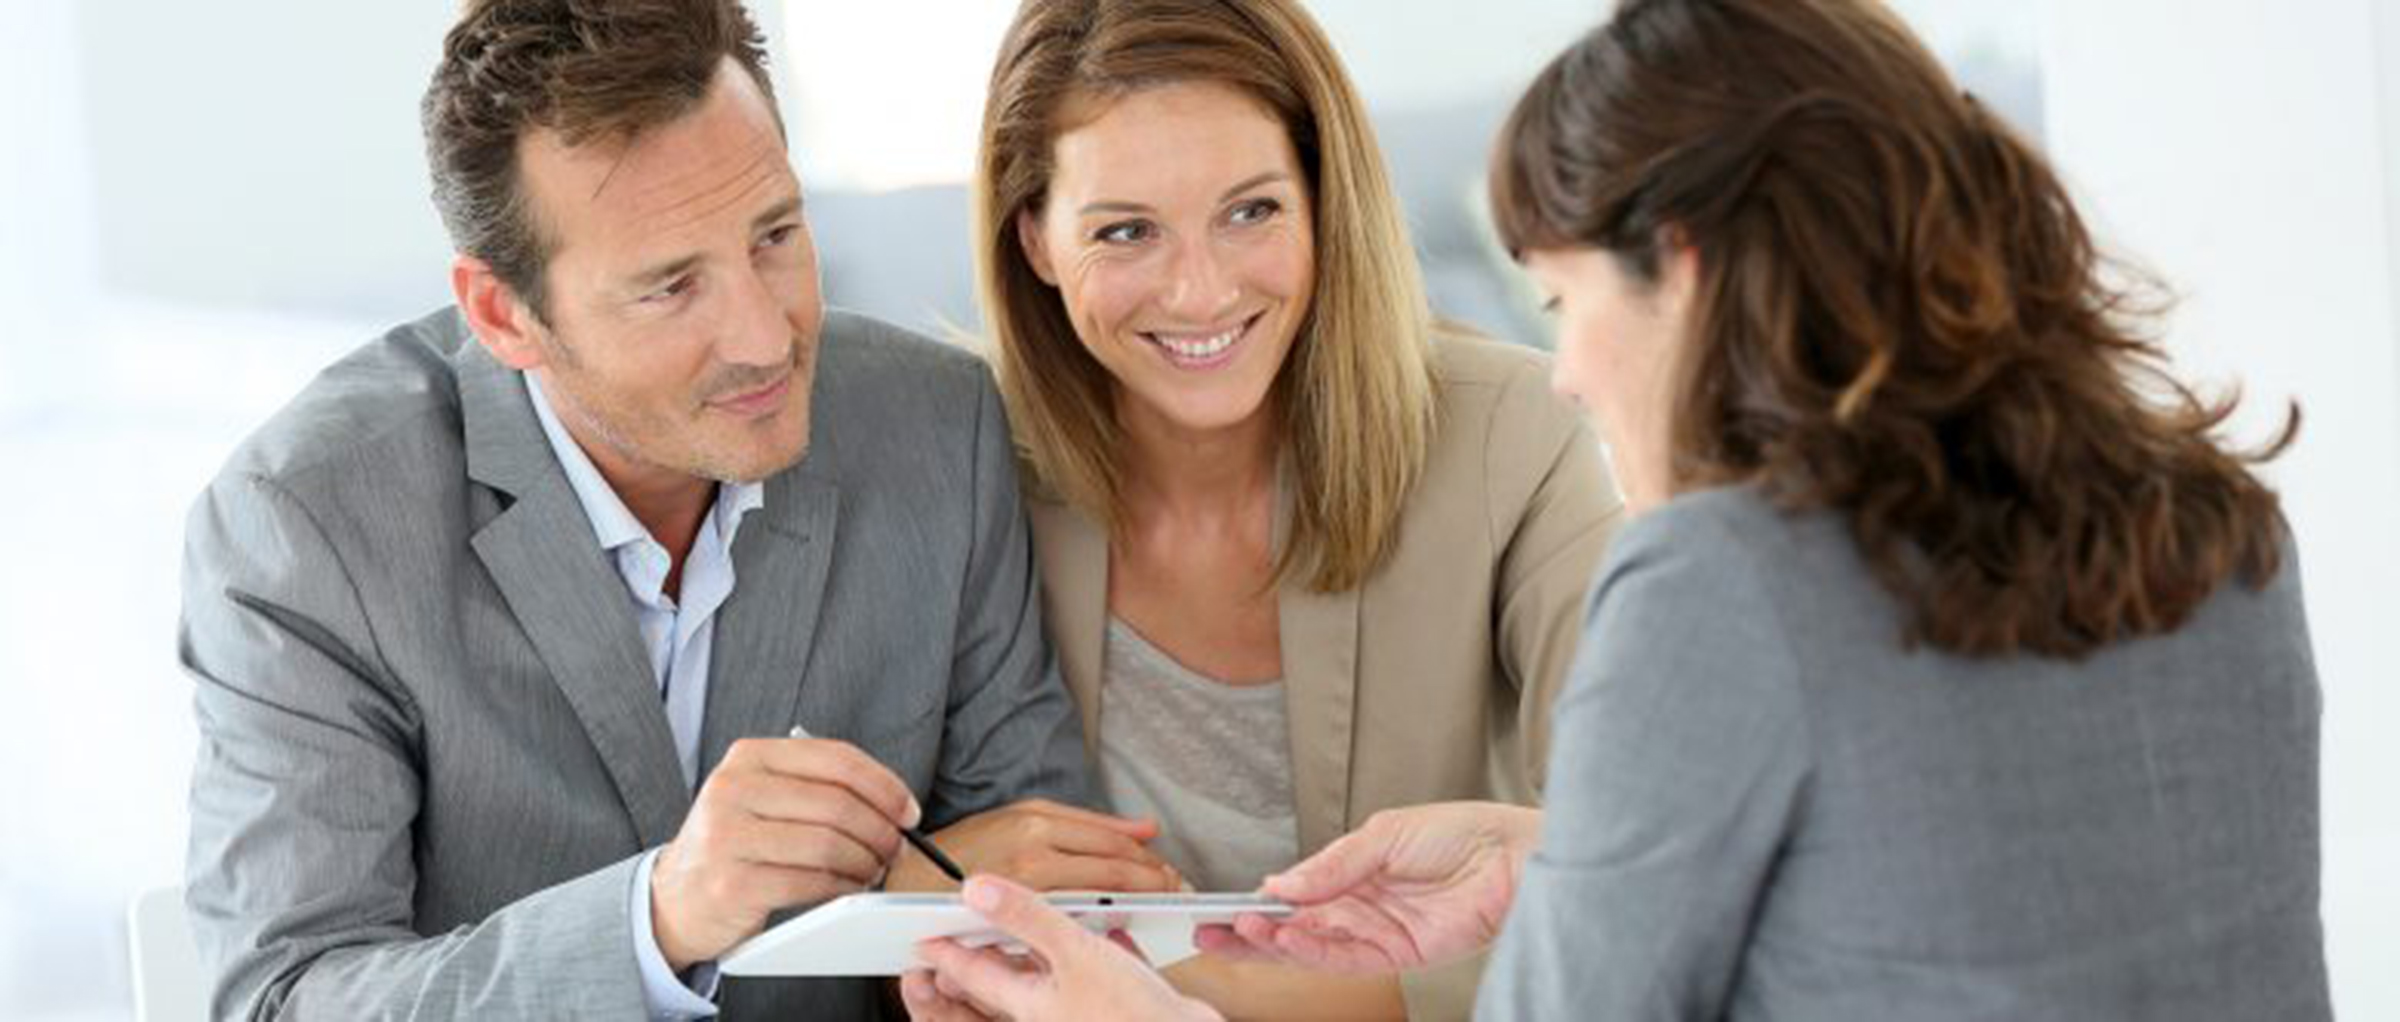 Participación activa de los profesionales de neoVida en cada fase del proceso